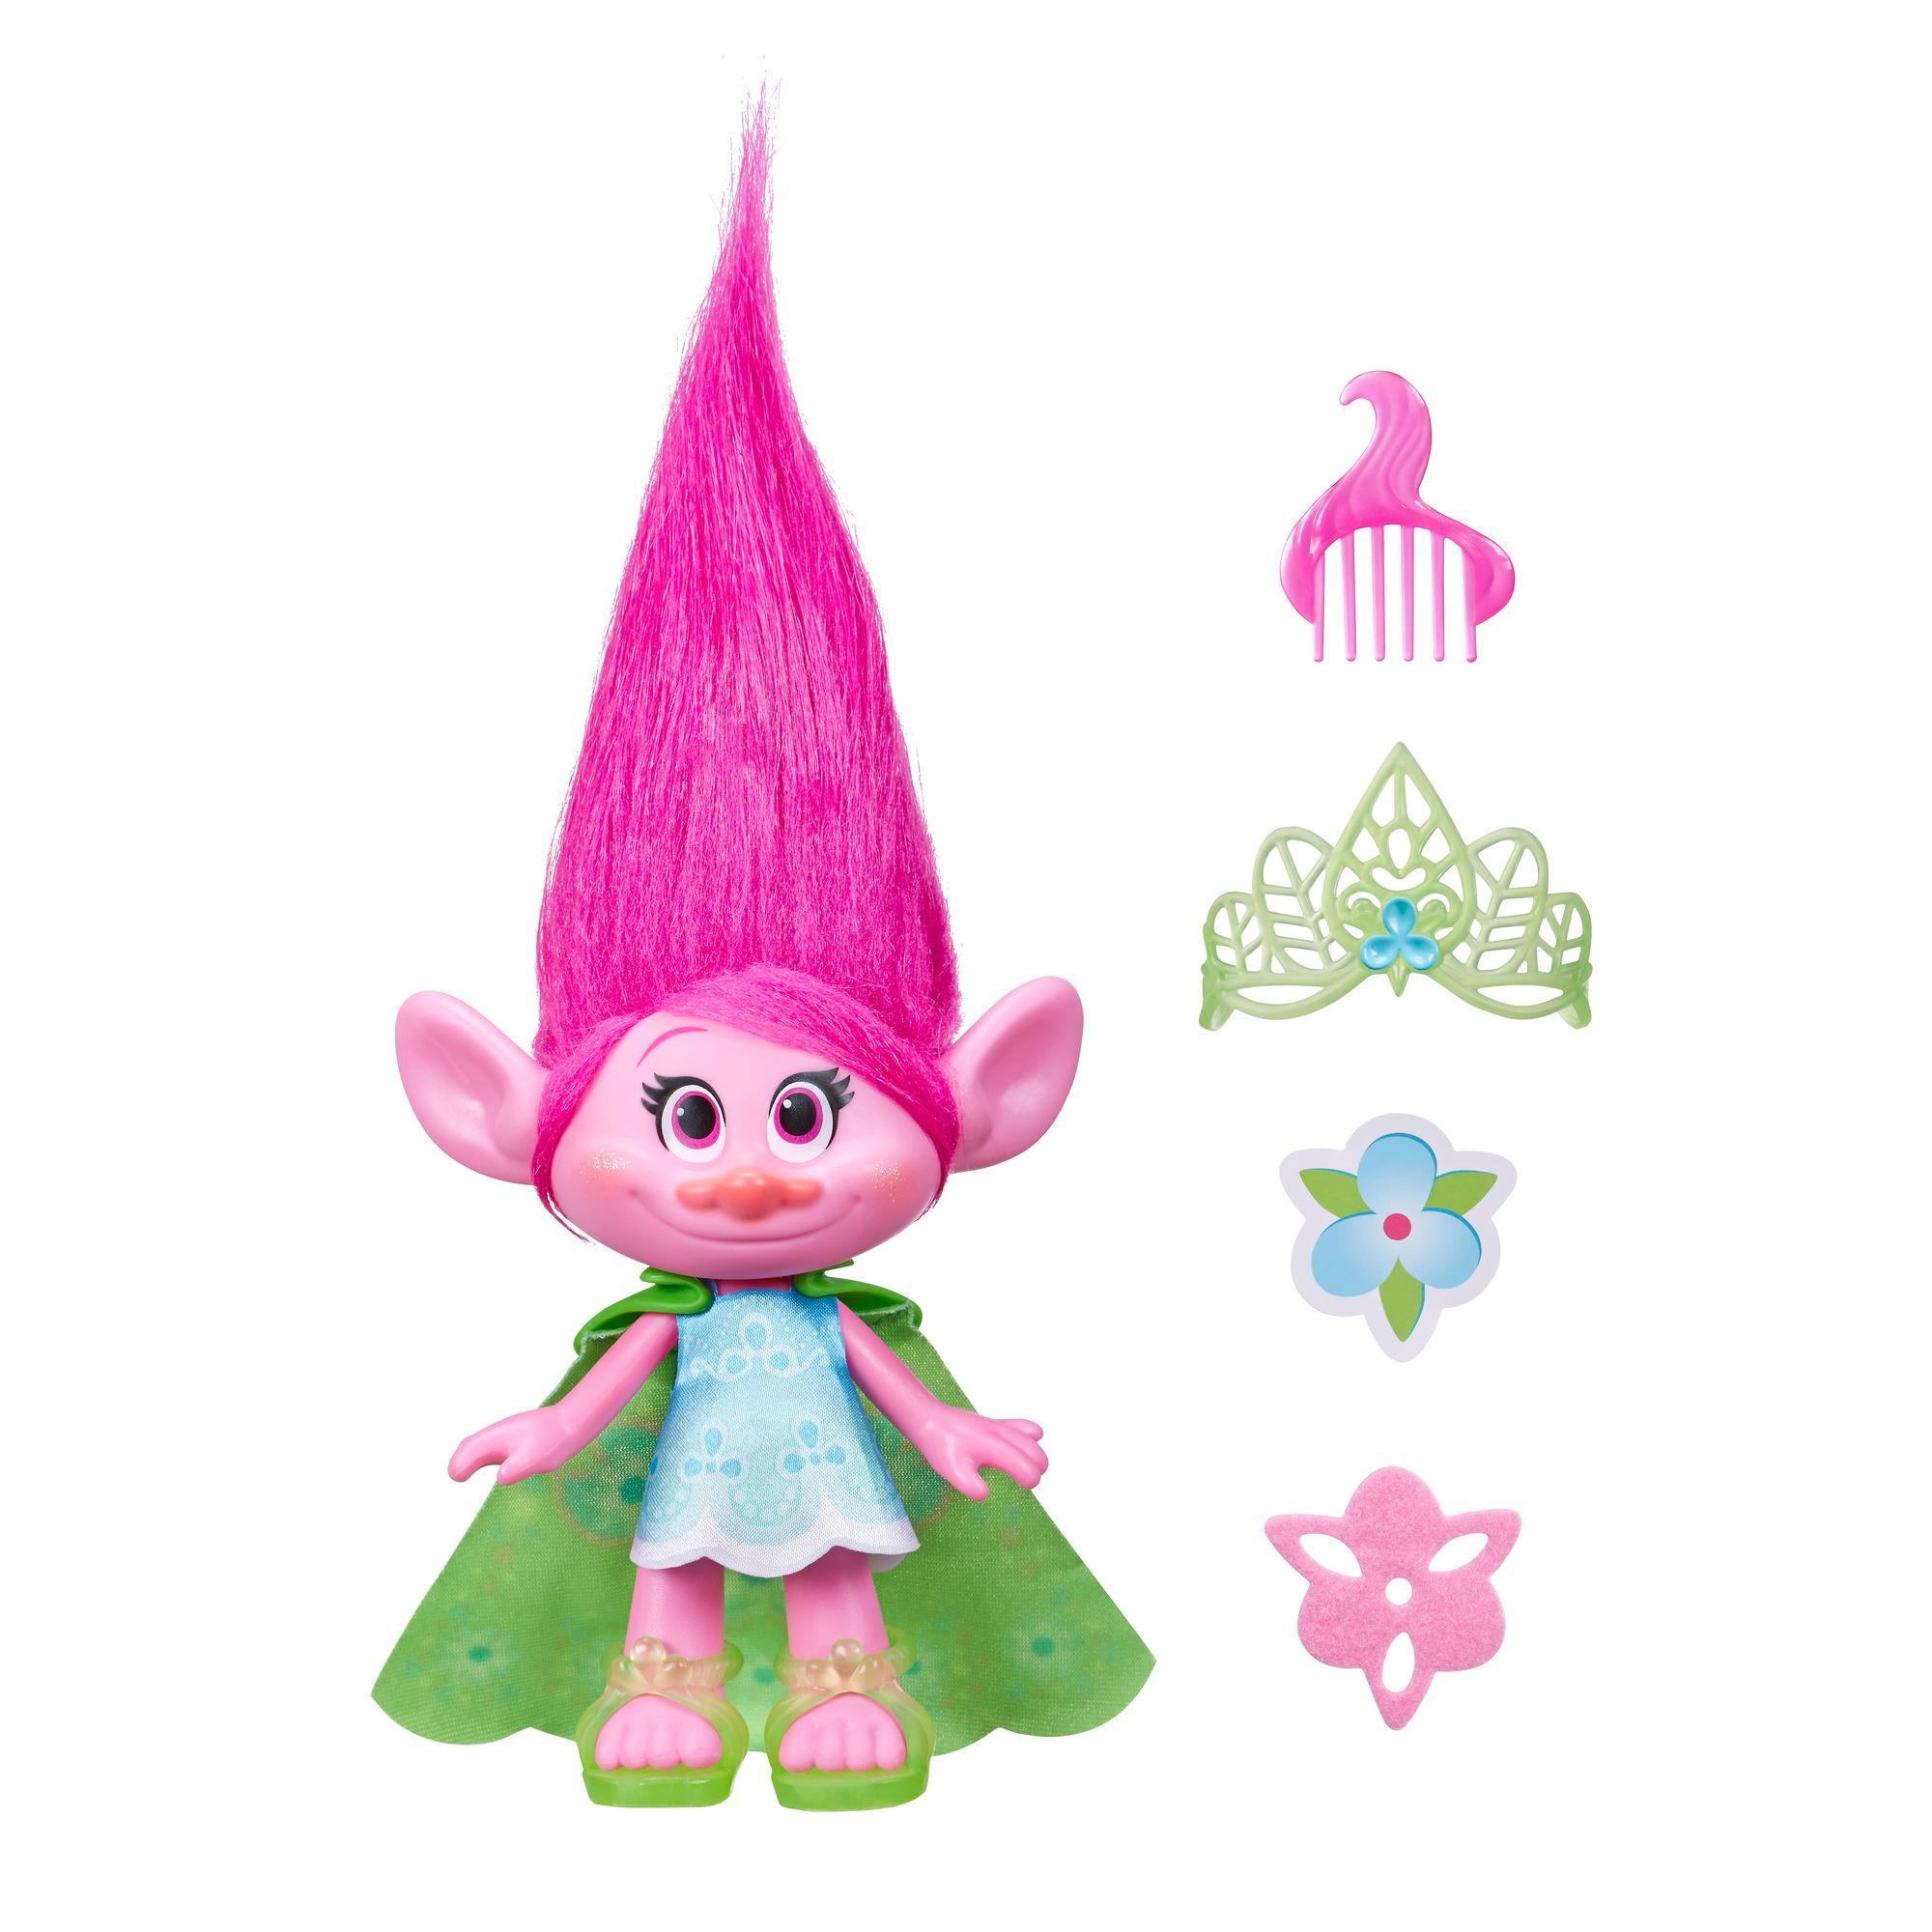 dreamworks trolls poppy 9 inch figure trolls